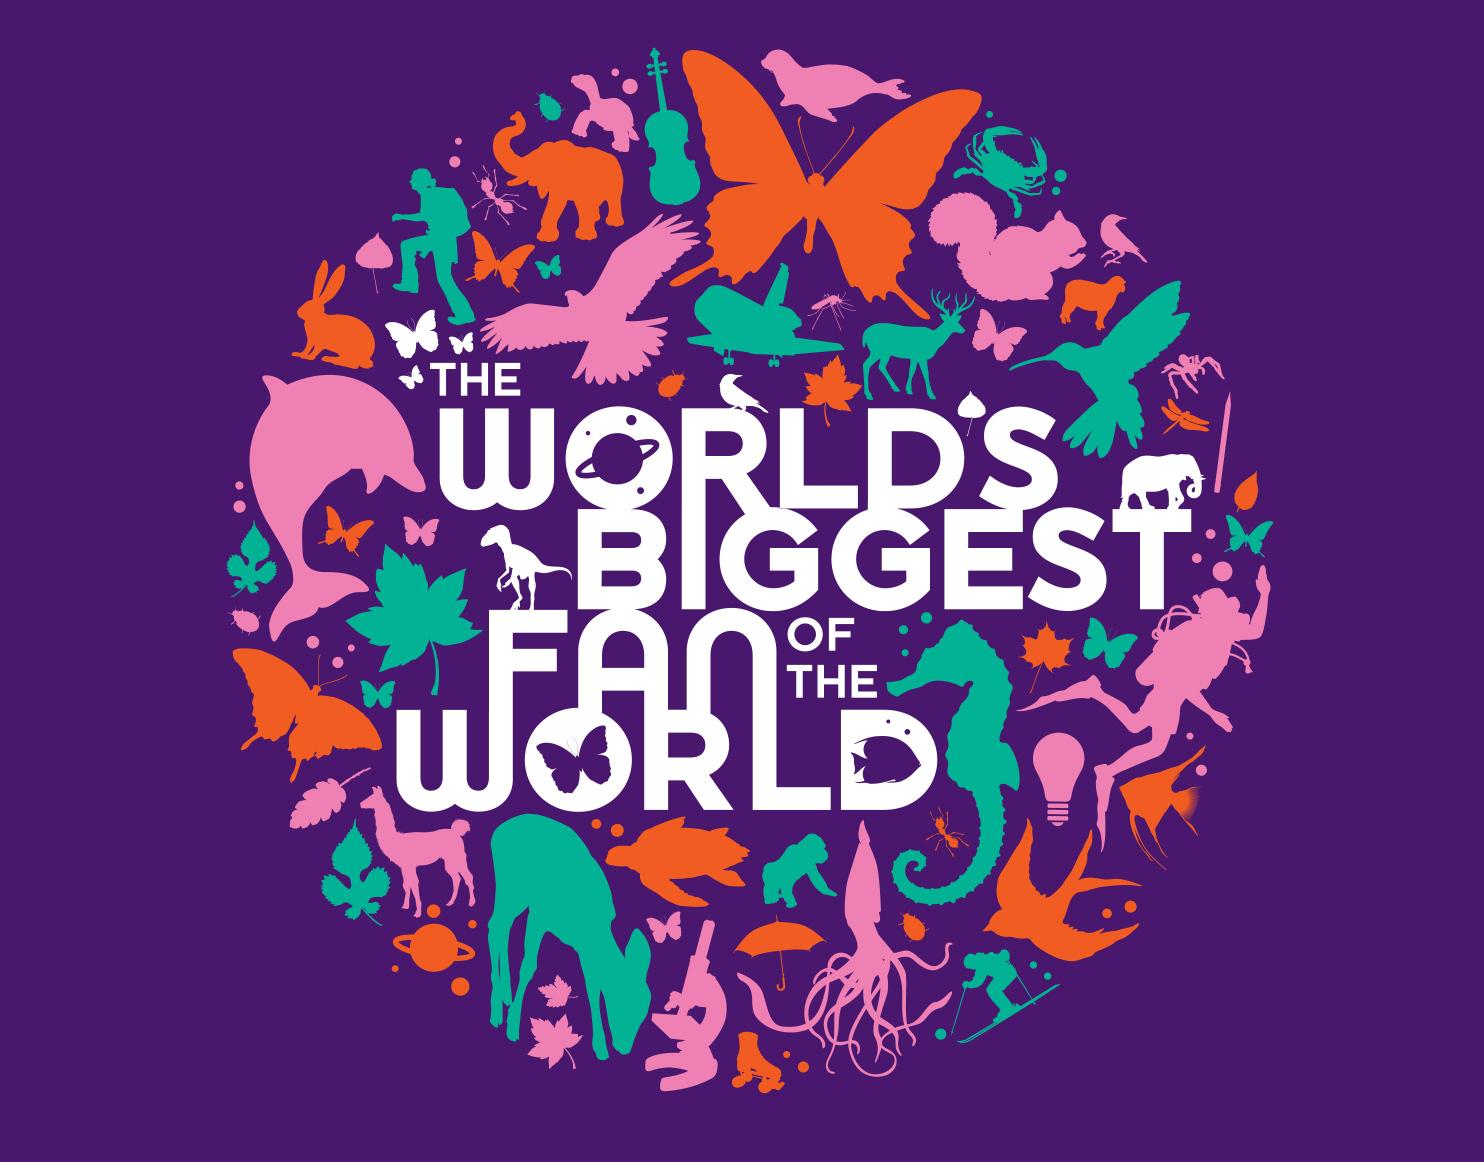 54_worlds_biggest_1484px